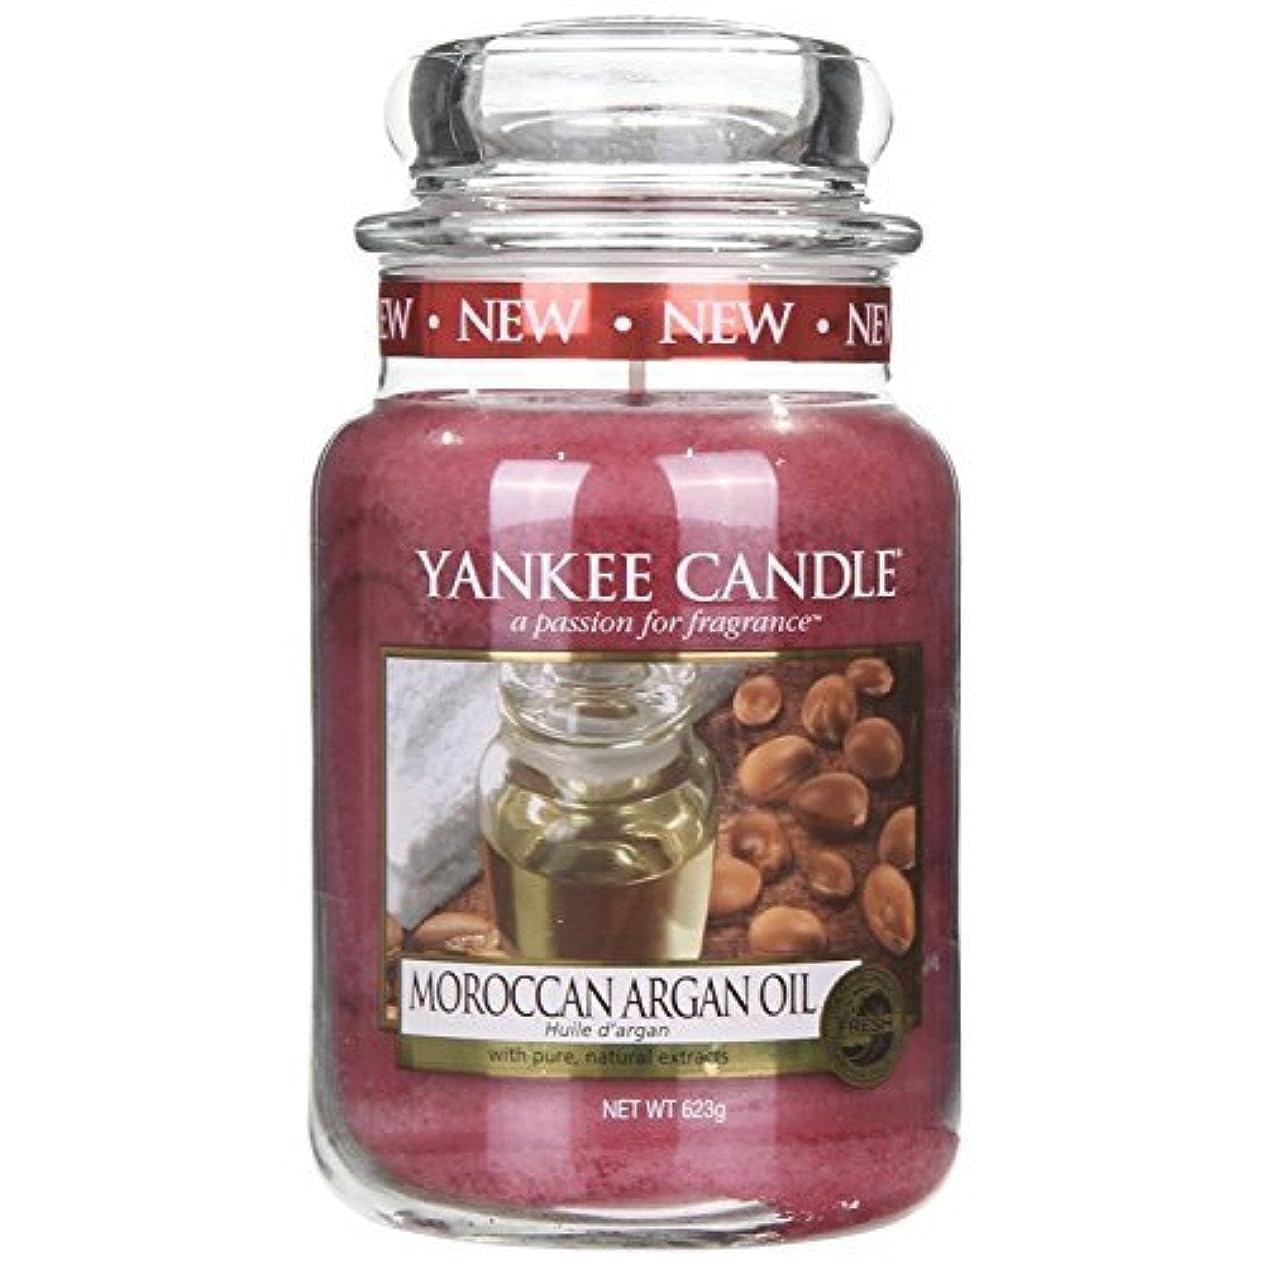 森林恋人熱心Yankee Candle MOROCCAN ARGAN OIL 22oz Large Jar Candle - UK Exclusive by Yankee Candle [並行輸入品]